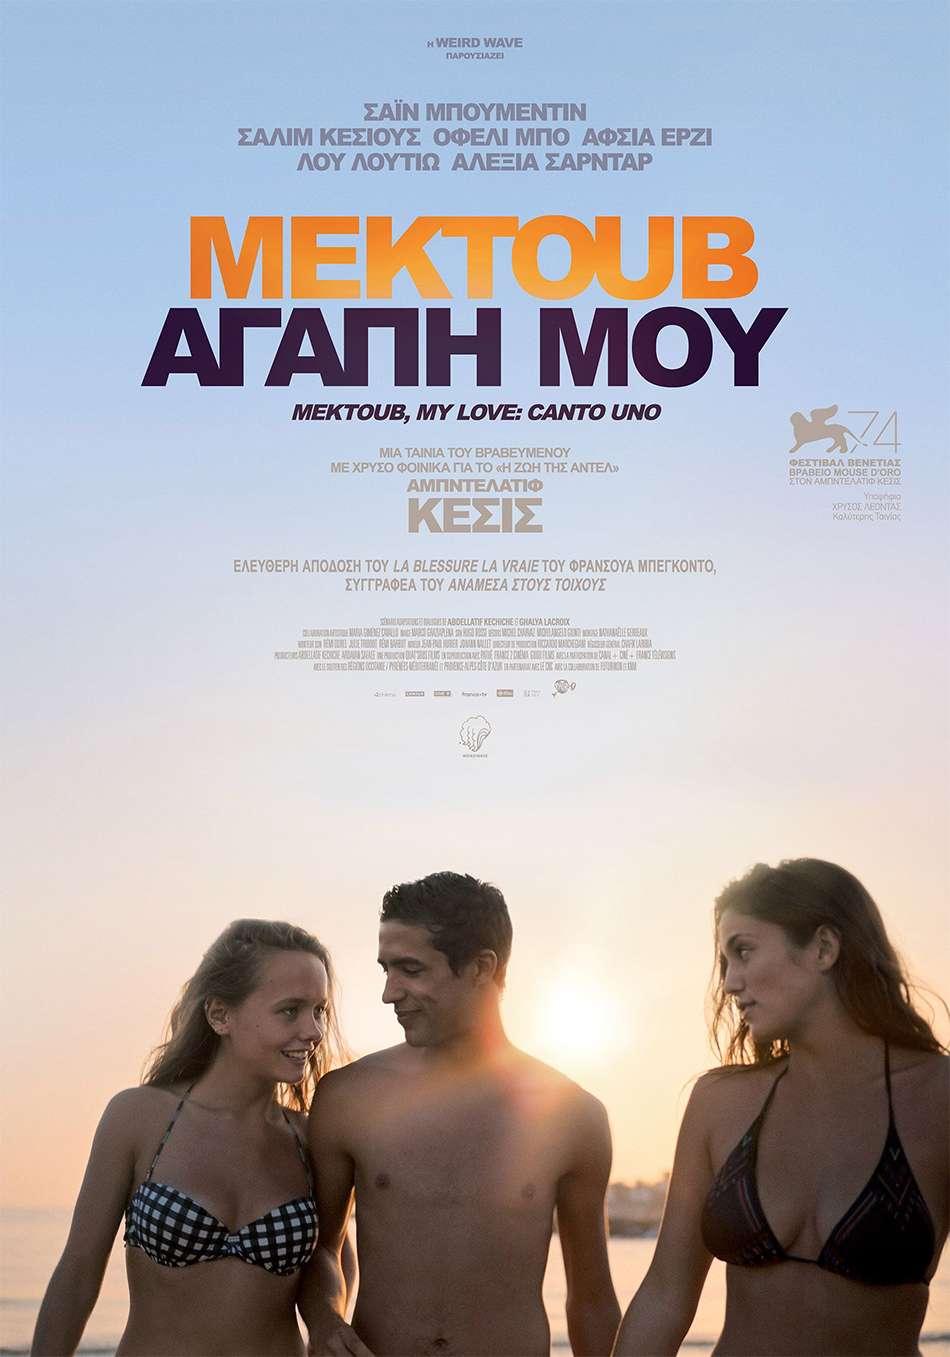 Mektoub, Αγάπη Μου (Mektoub, My Love: Canto Uno) Poster Πόστερ